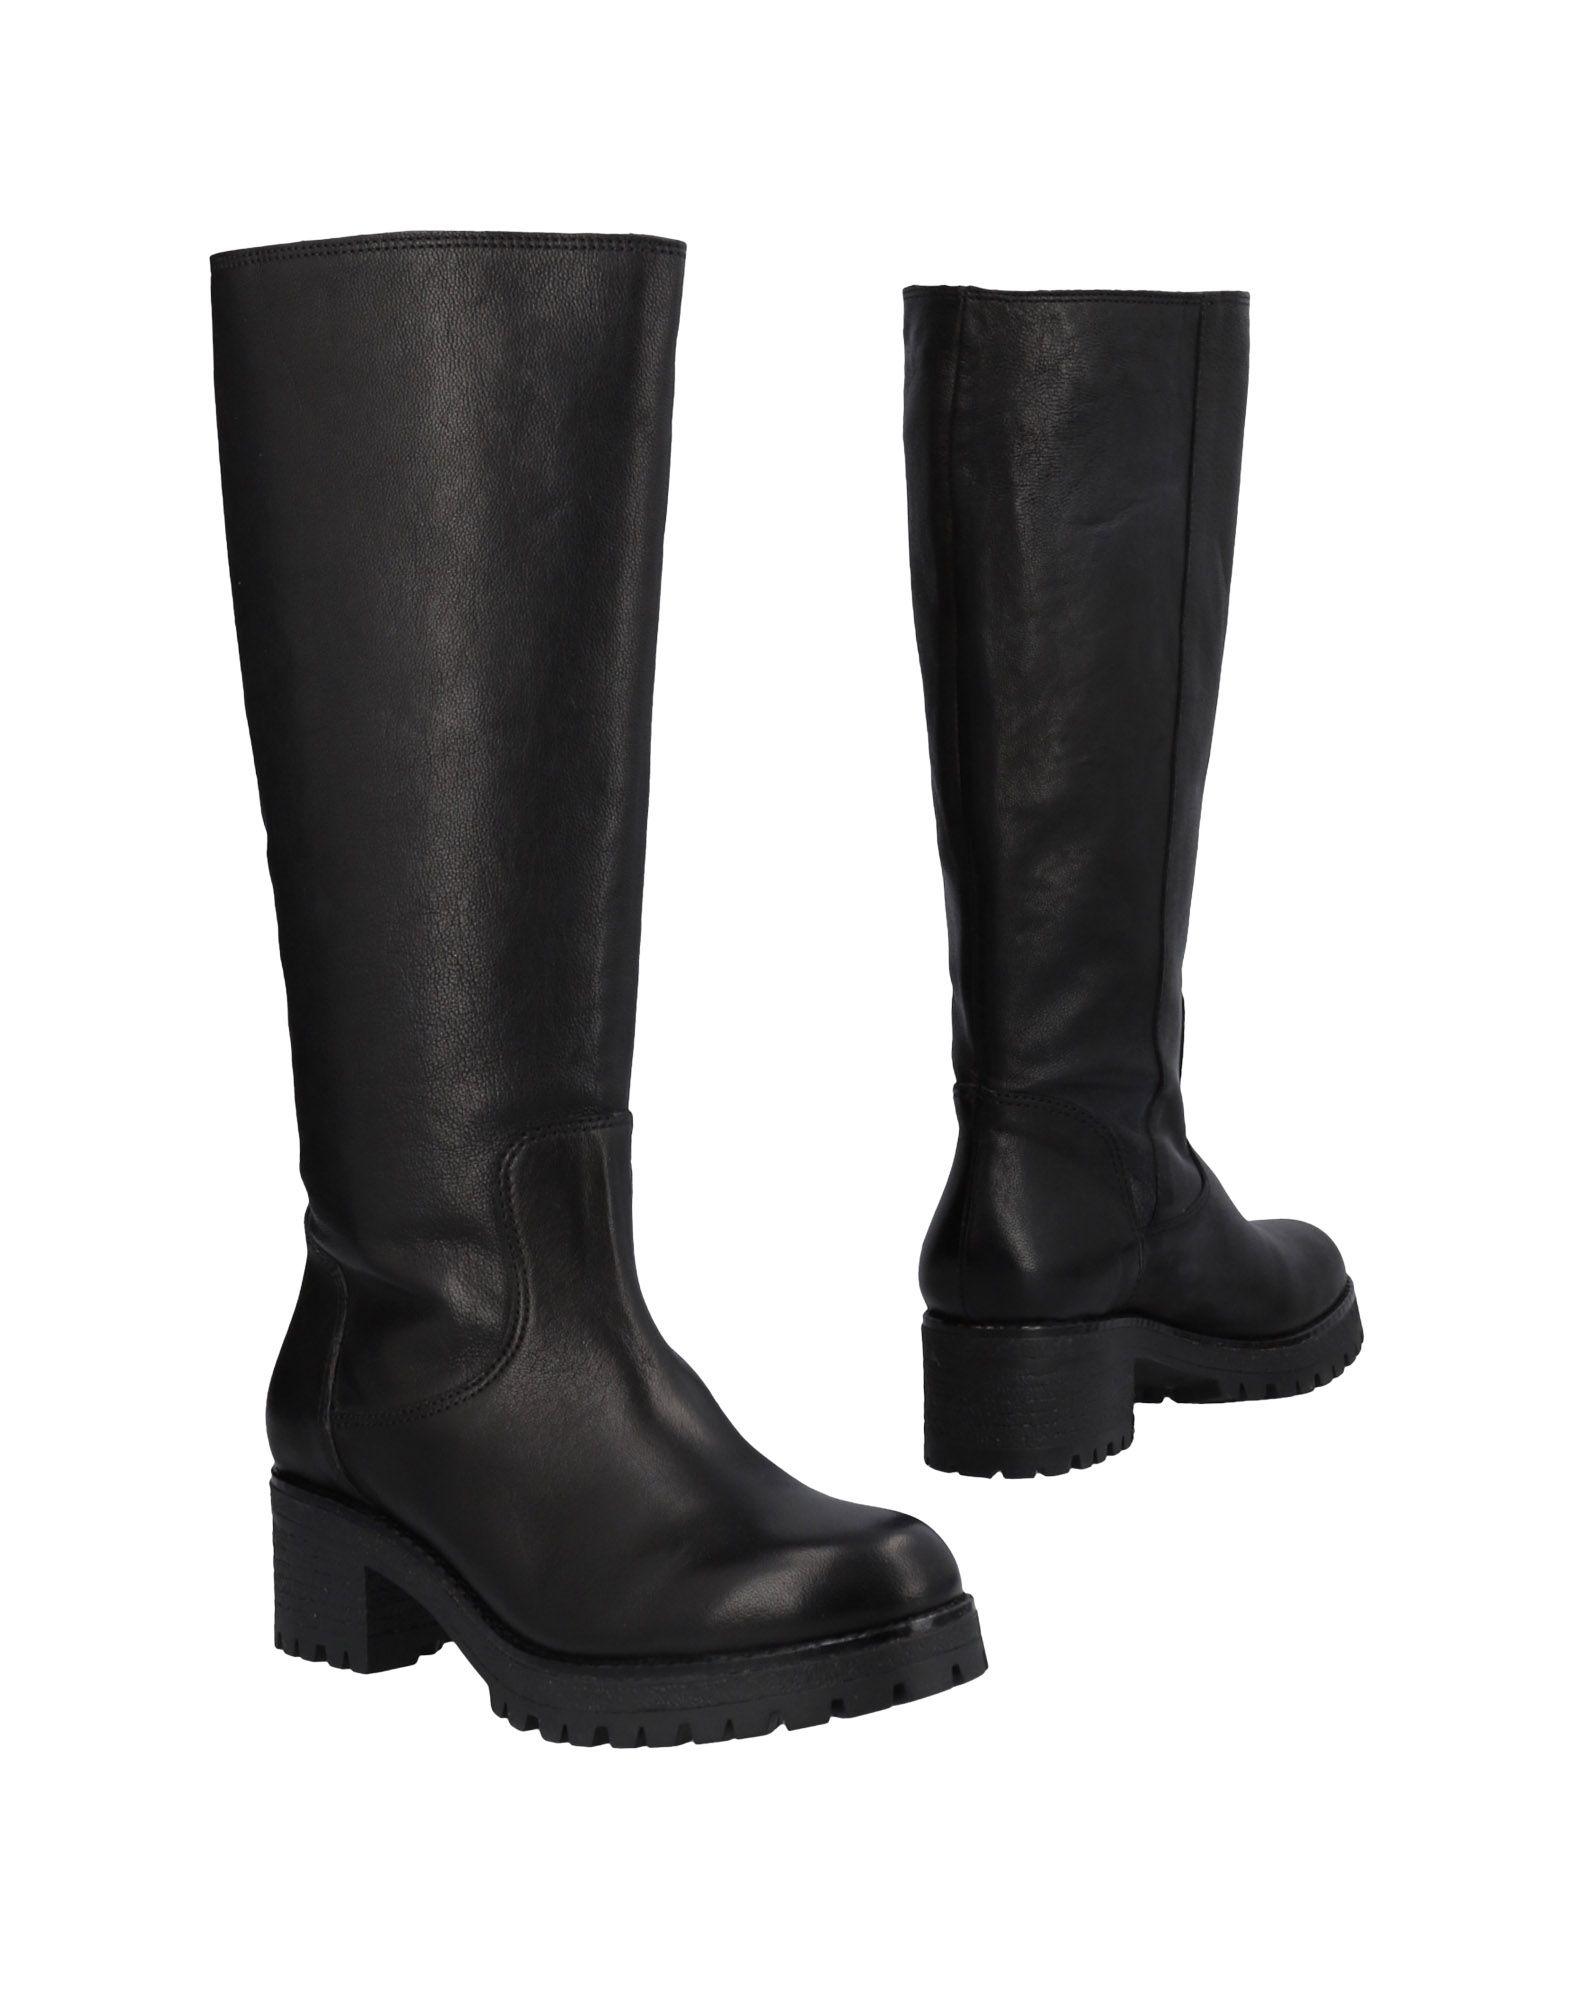 P.A.R.O.S.H. Stiefel Damen Schuhe  11488098FGGut aussehende strapazierfähige Schuhe Damen 24e745